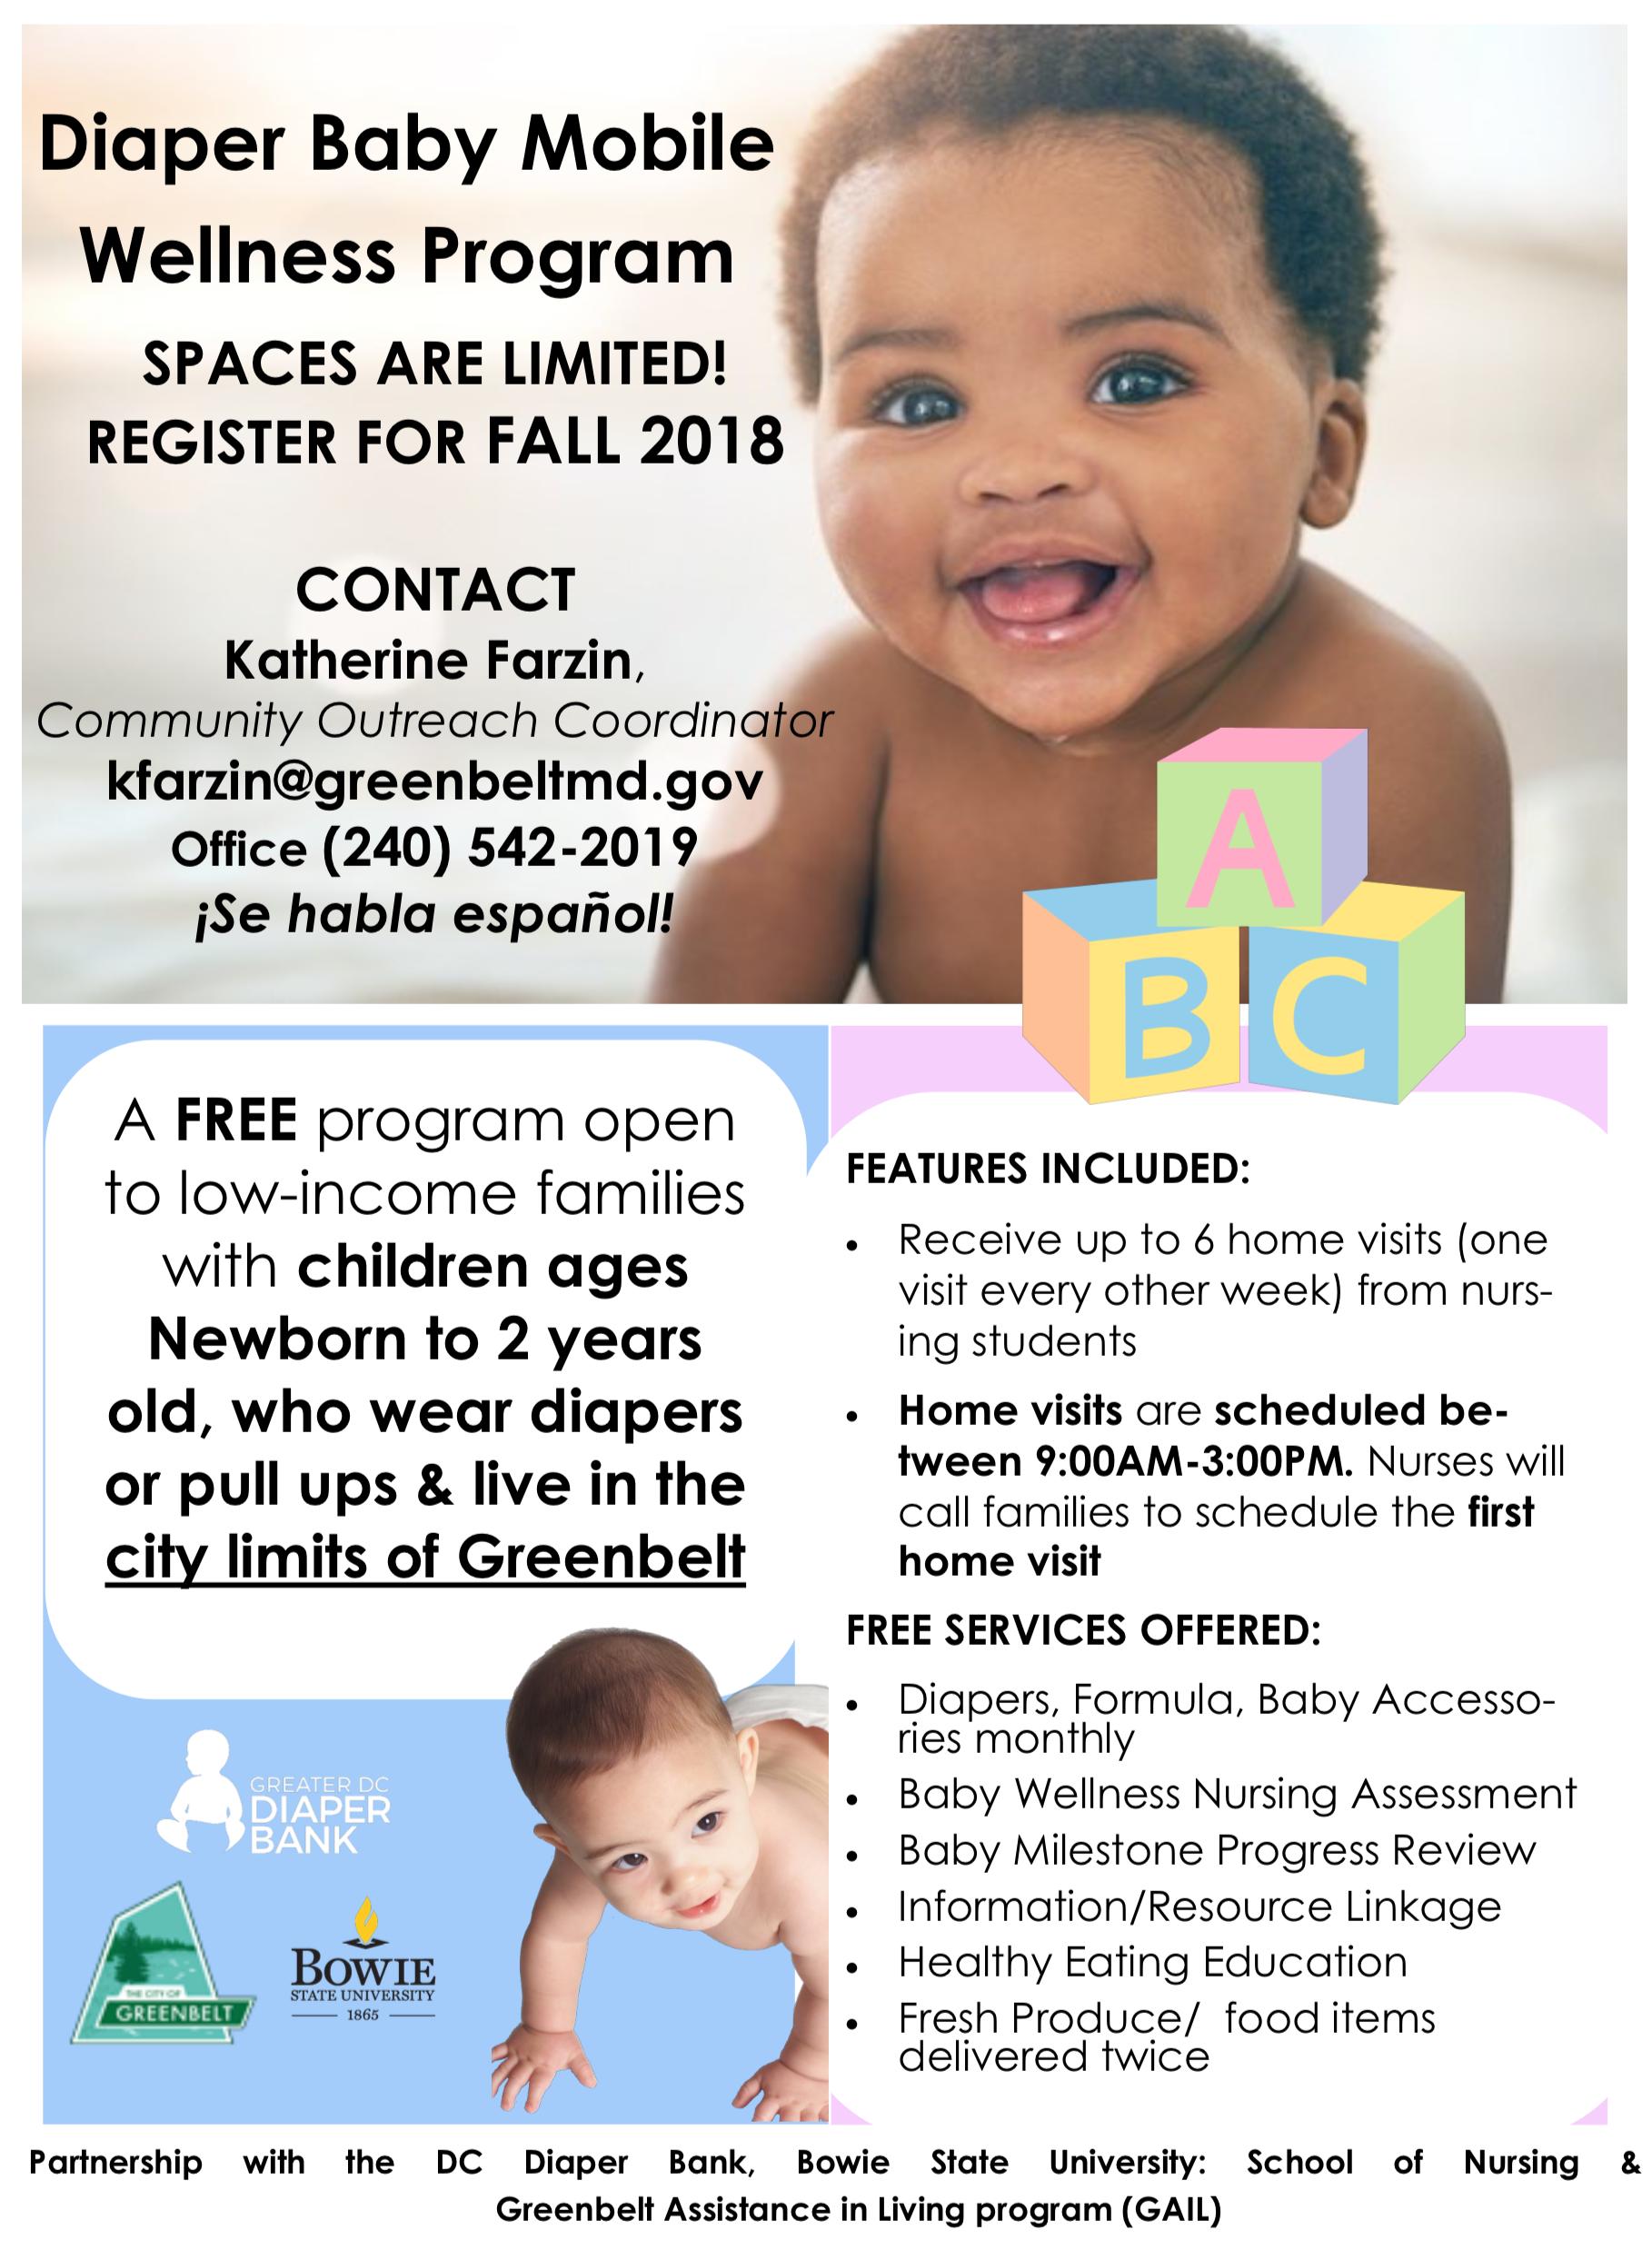 Diaper Baby Wellness Program | Greenbelt, MD